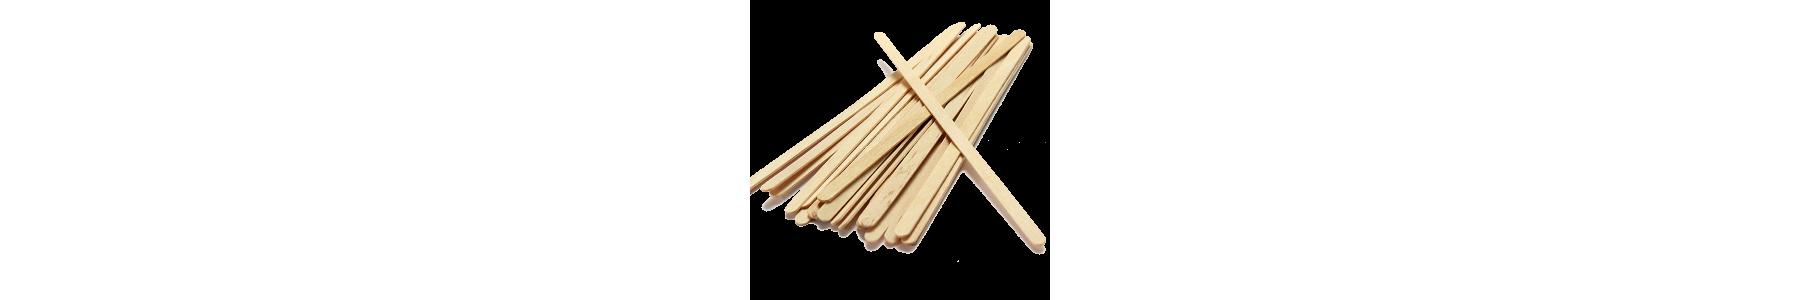 Paletine din lemn pentru un mediu inconjurator mai putin poluat.